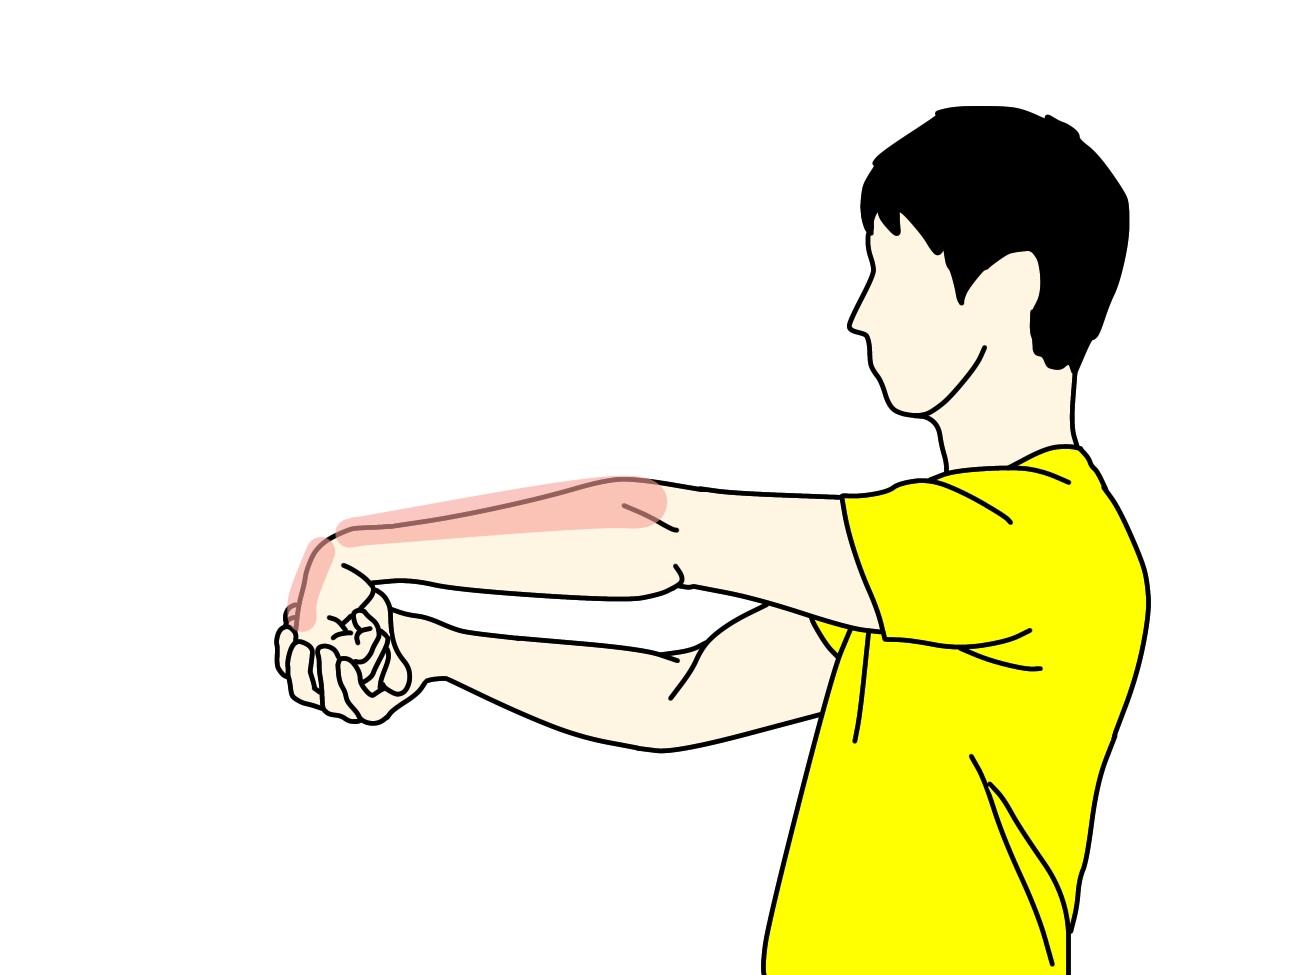 手の甲〜腕の筋肉(前腕伸筋群)のストレッチで伸びる場所